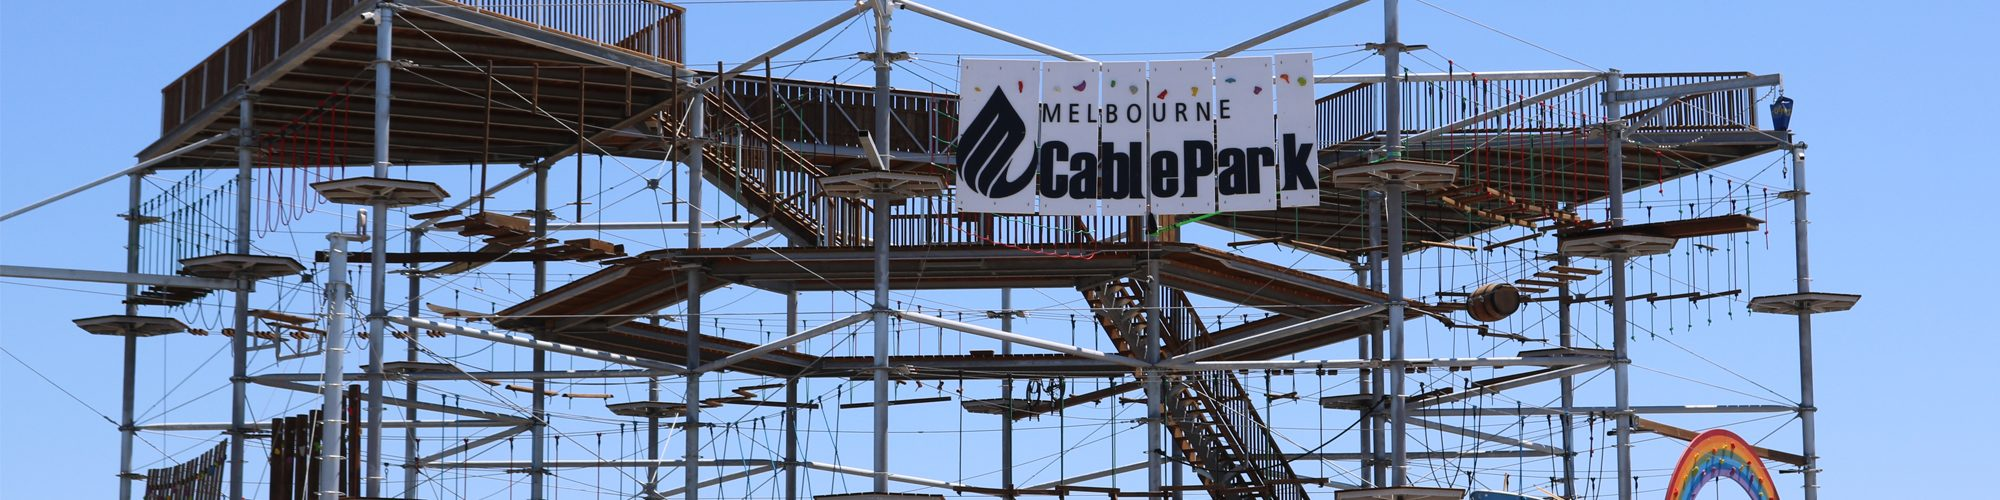 Kletterplatten mit Namen und Logo des Cable Park